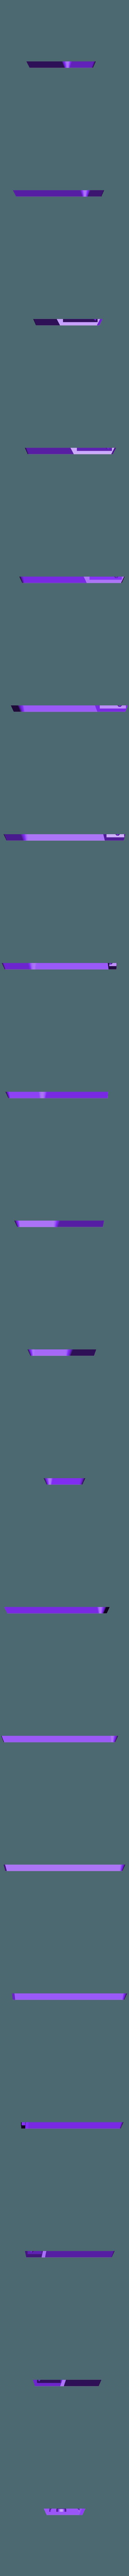 BladeCaseFinal.stl Télécharger fichier STL gratuit Mini lame de coupe. • Objet à imprimer en 3D, lmhadzich